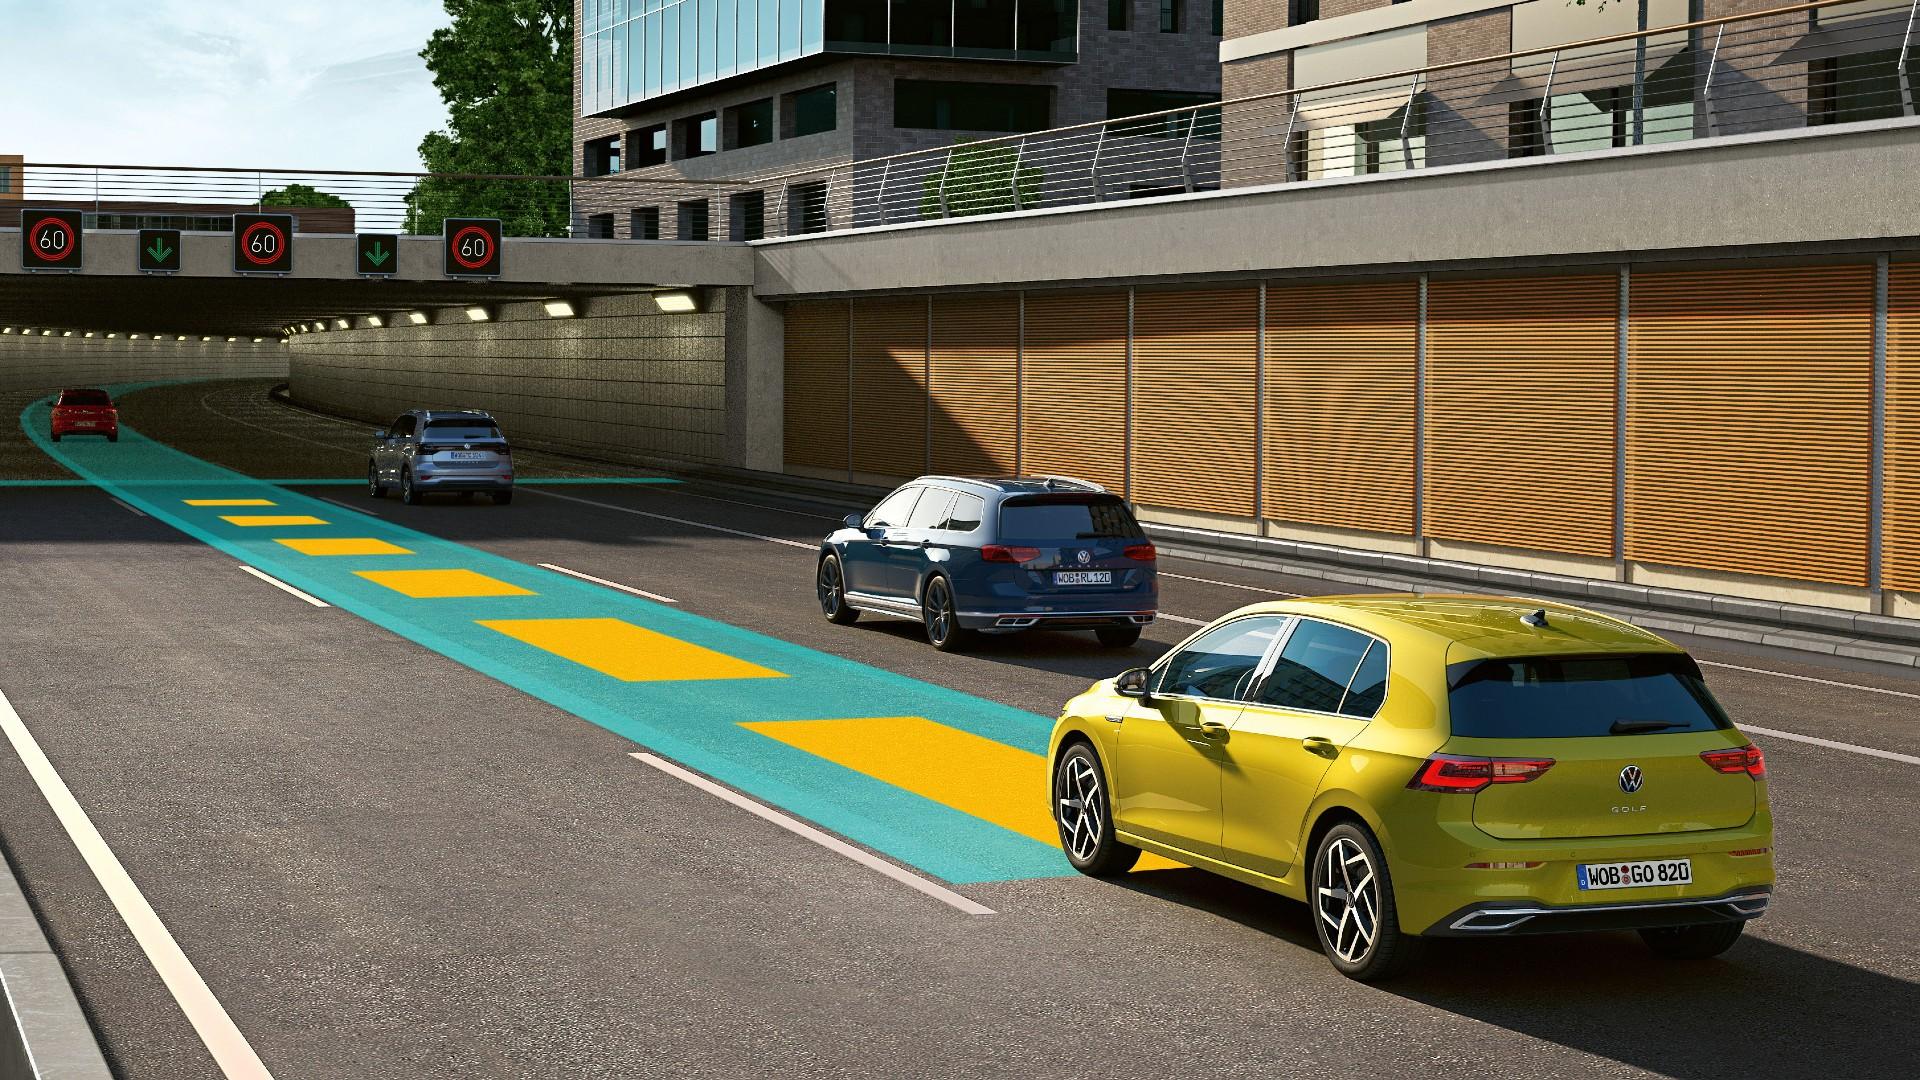 Volkswagen και Microsoft θα συνεργαστούν για την εξέλιξη της αυτόνομης οδήγησης